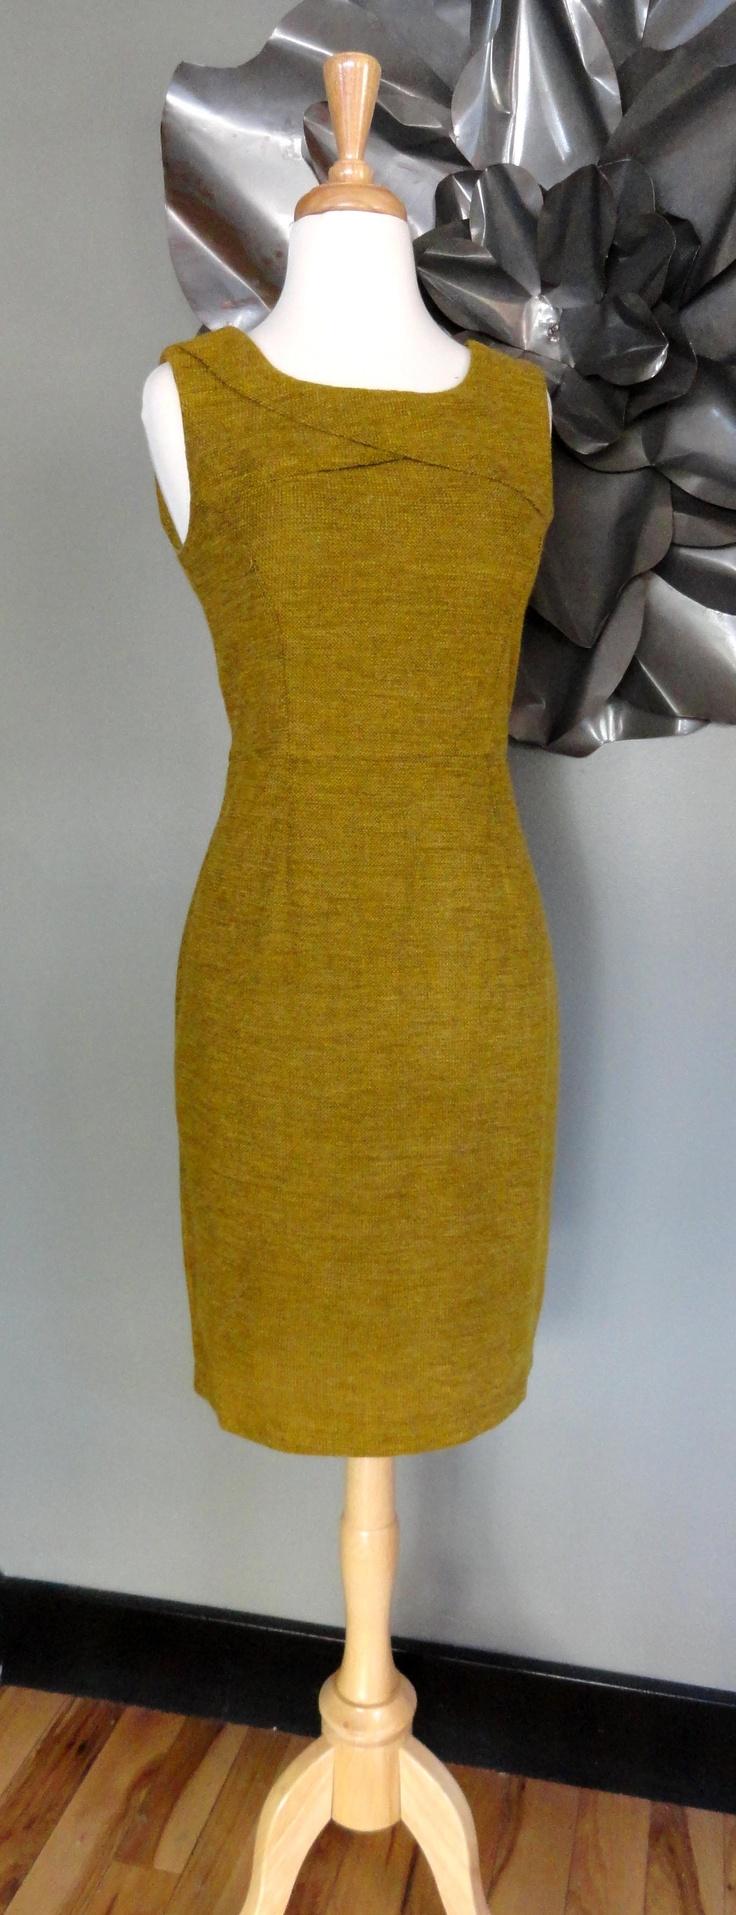 Mod Mustard Dress $58  on.fb.me/PFFfAL: Mustard Dresses, Mod Mustard, Dresses 58